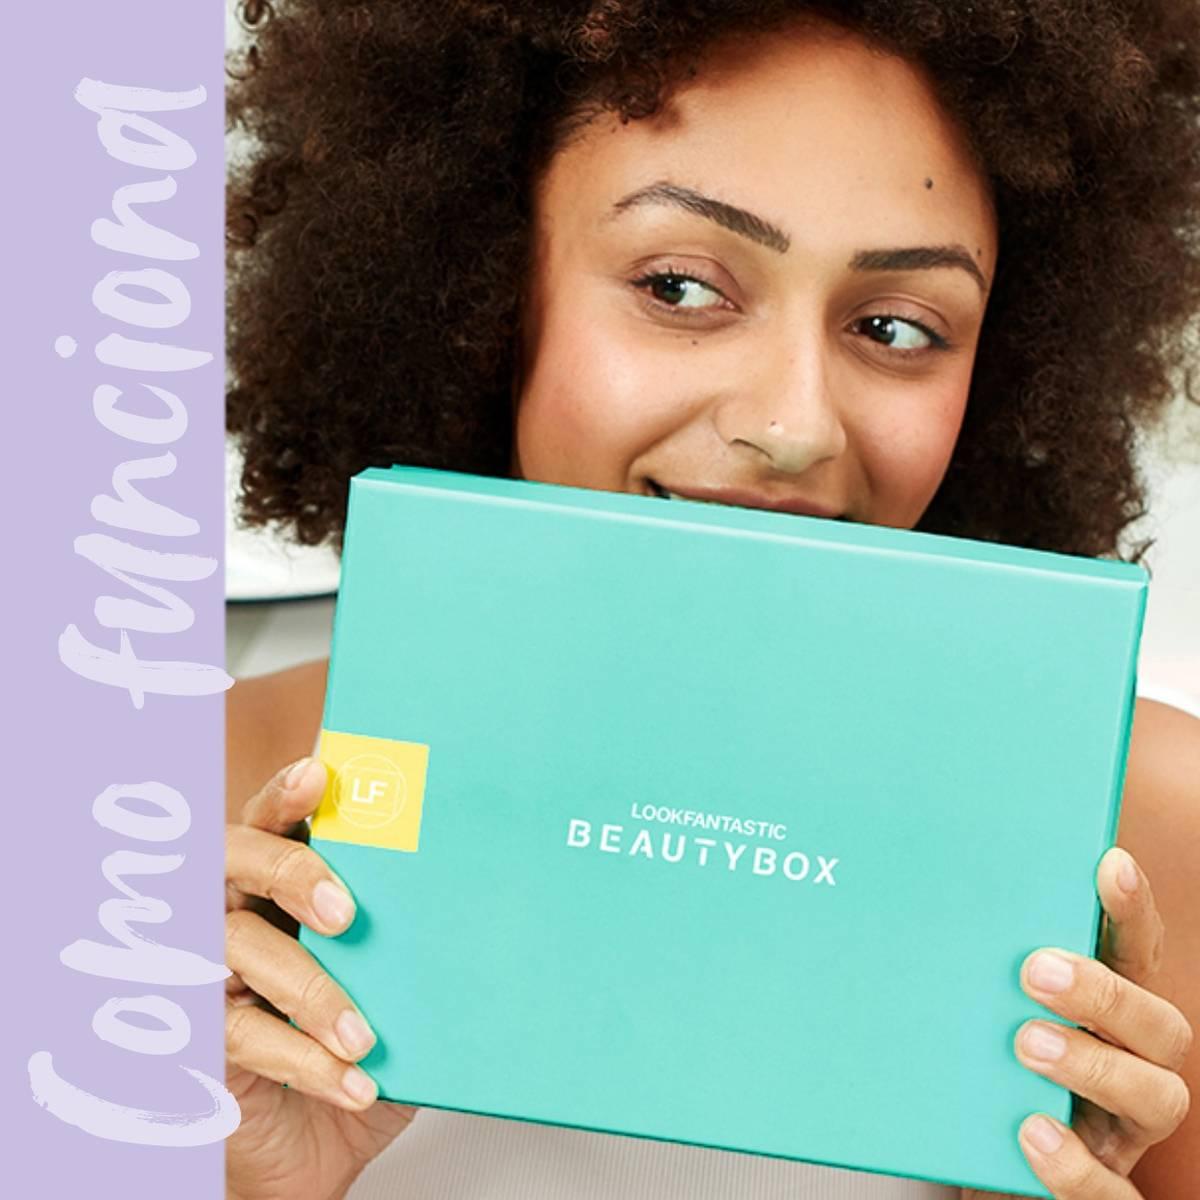 Sabe mais sobre a <b>lookfantastic Beauty Box</b>, uma caixa de subscrição mensal que contém 6 produtos de beleza escolhidos a dedo no valor de pelo menos 60€, entregue diretamente na tua casa todos os meses.